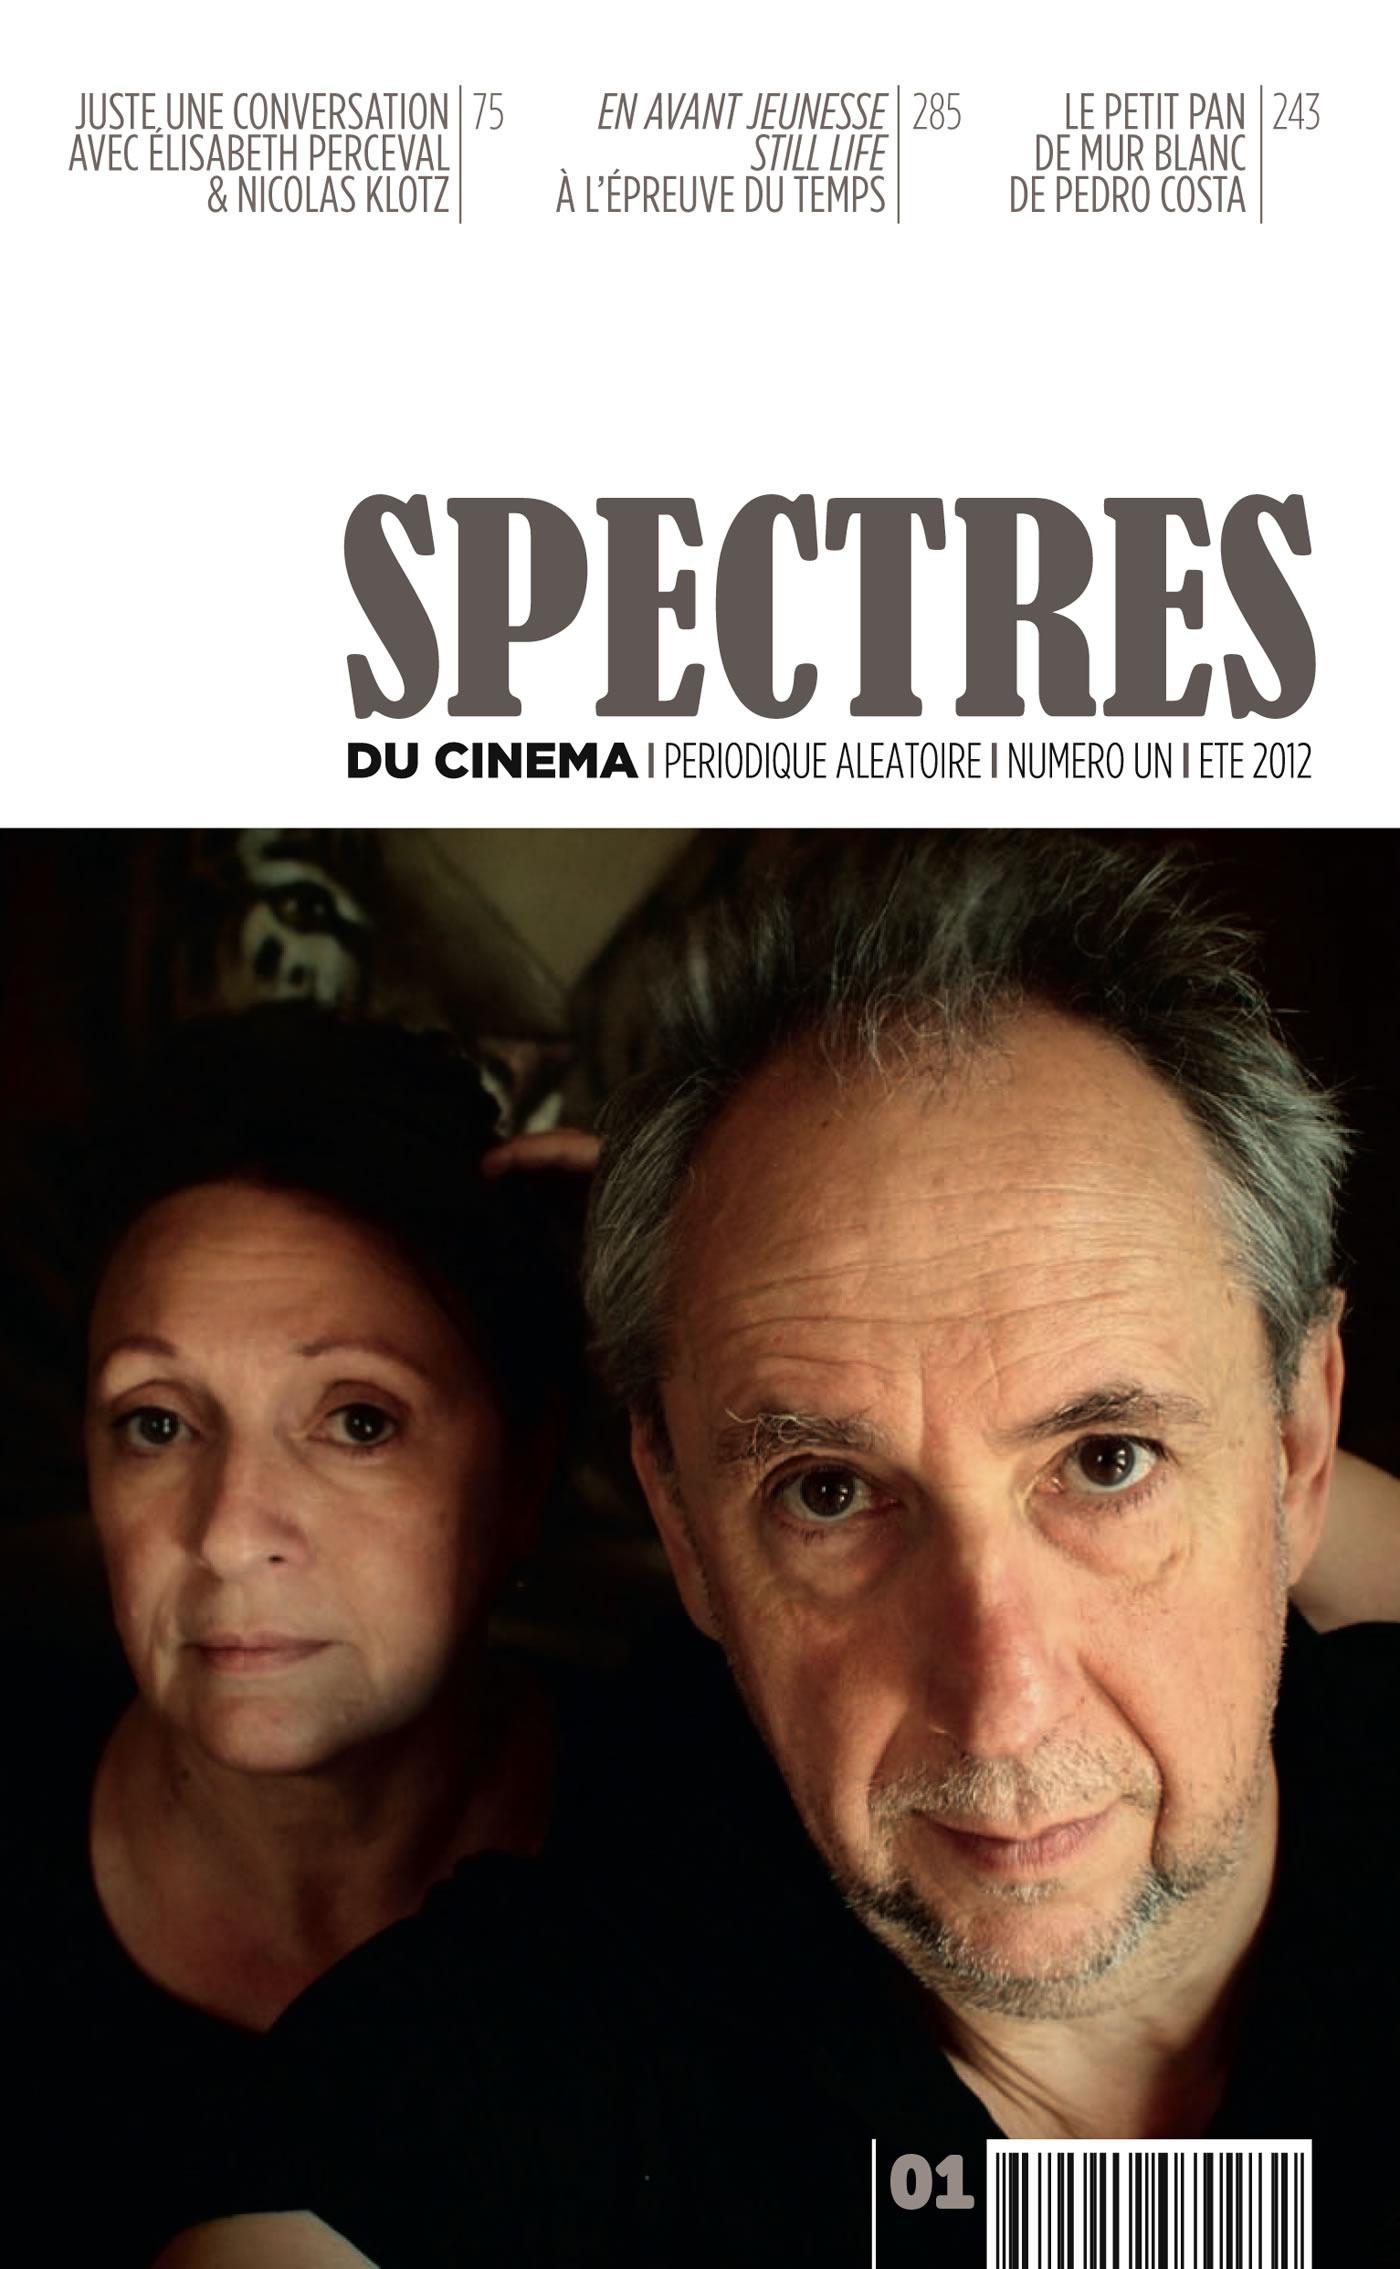 Spectres du cinéma t.1